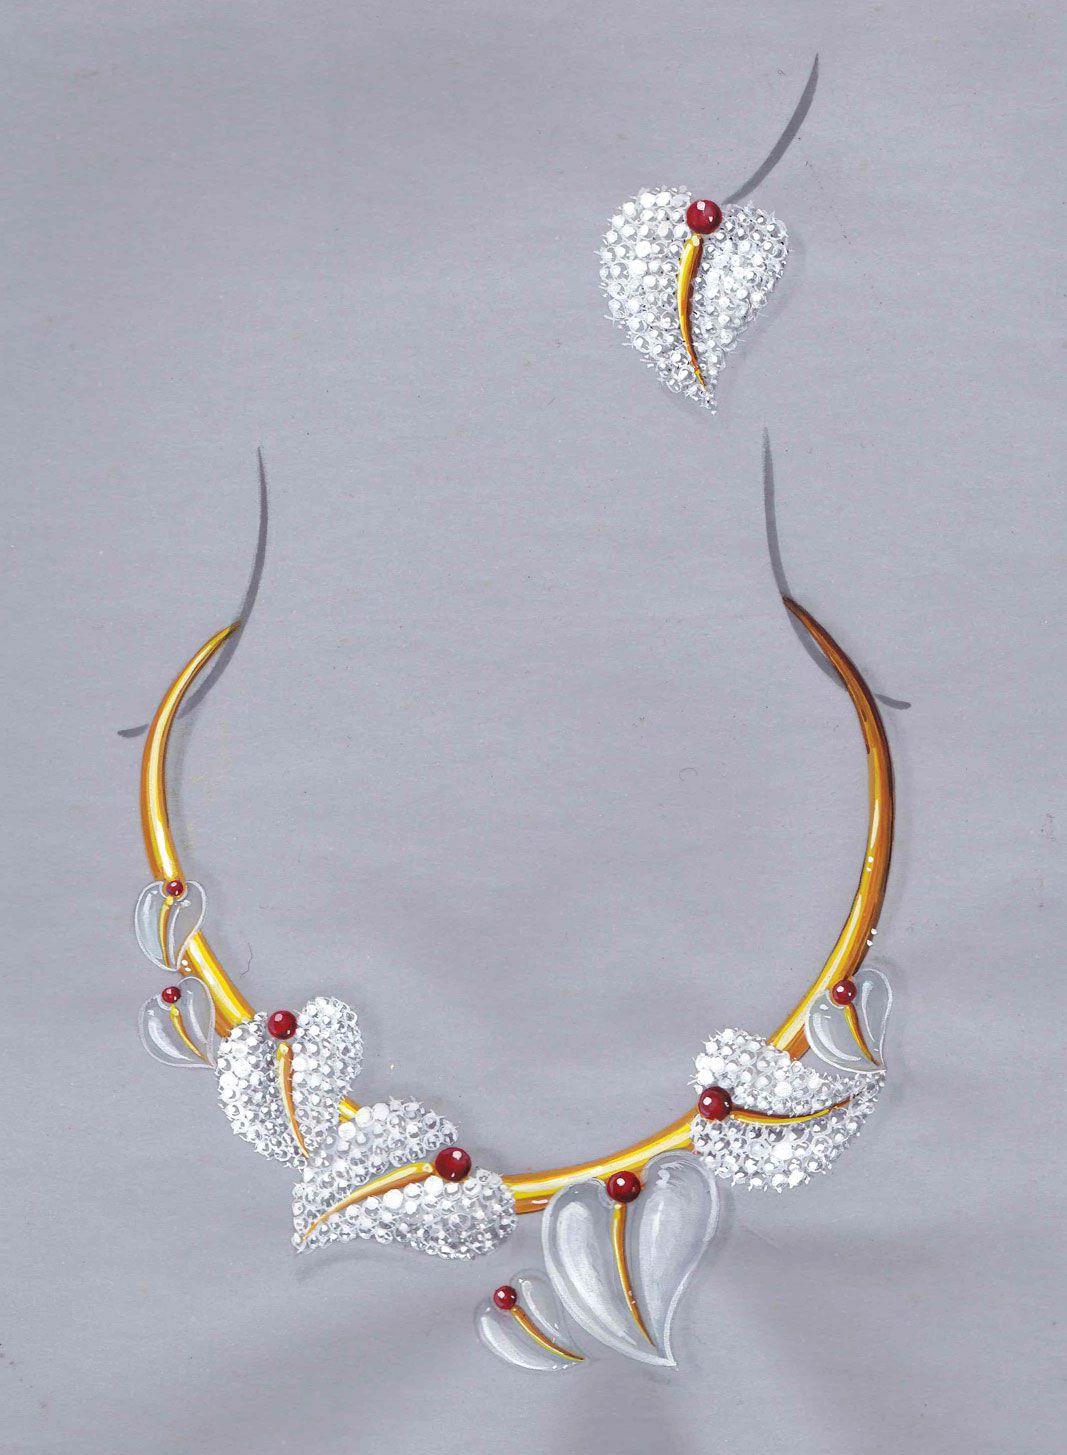 Dessin gouaché joaillerie : diamant, cristal de roche, rubis, monture or